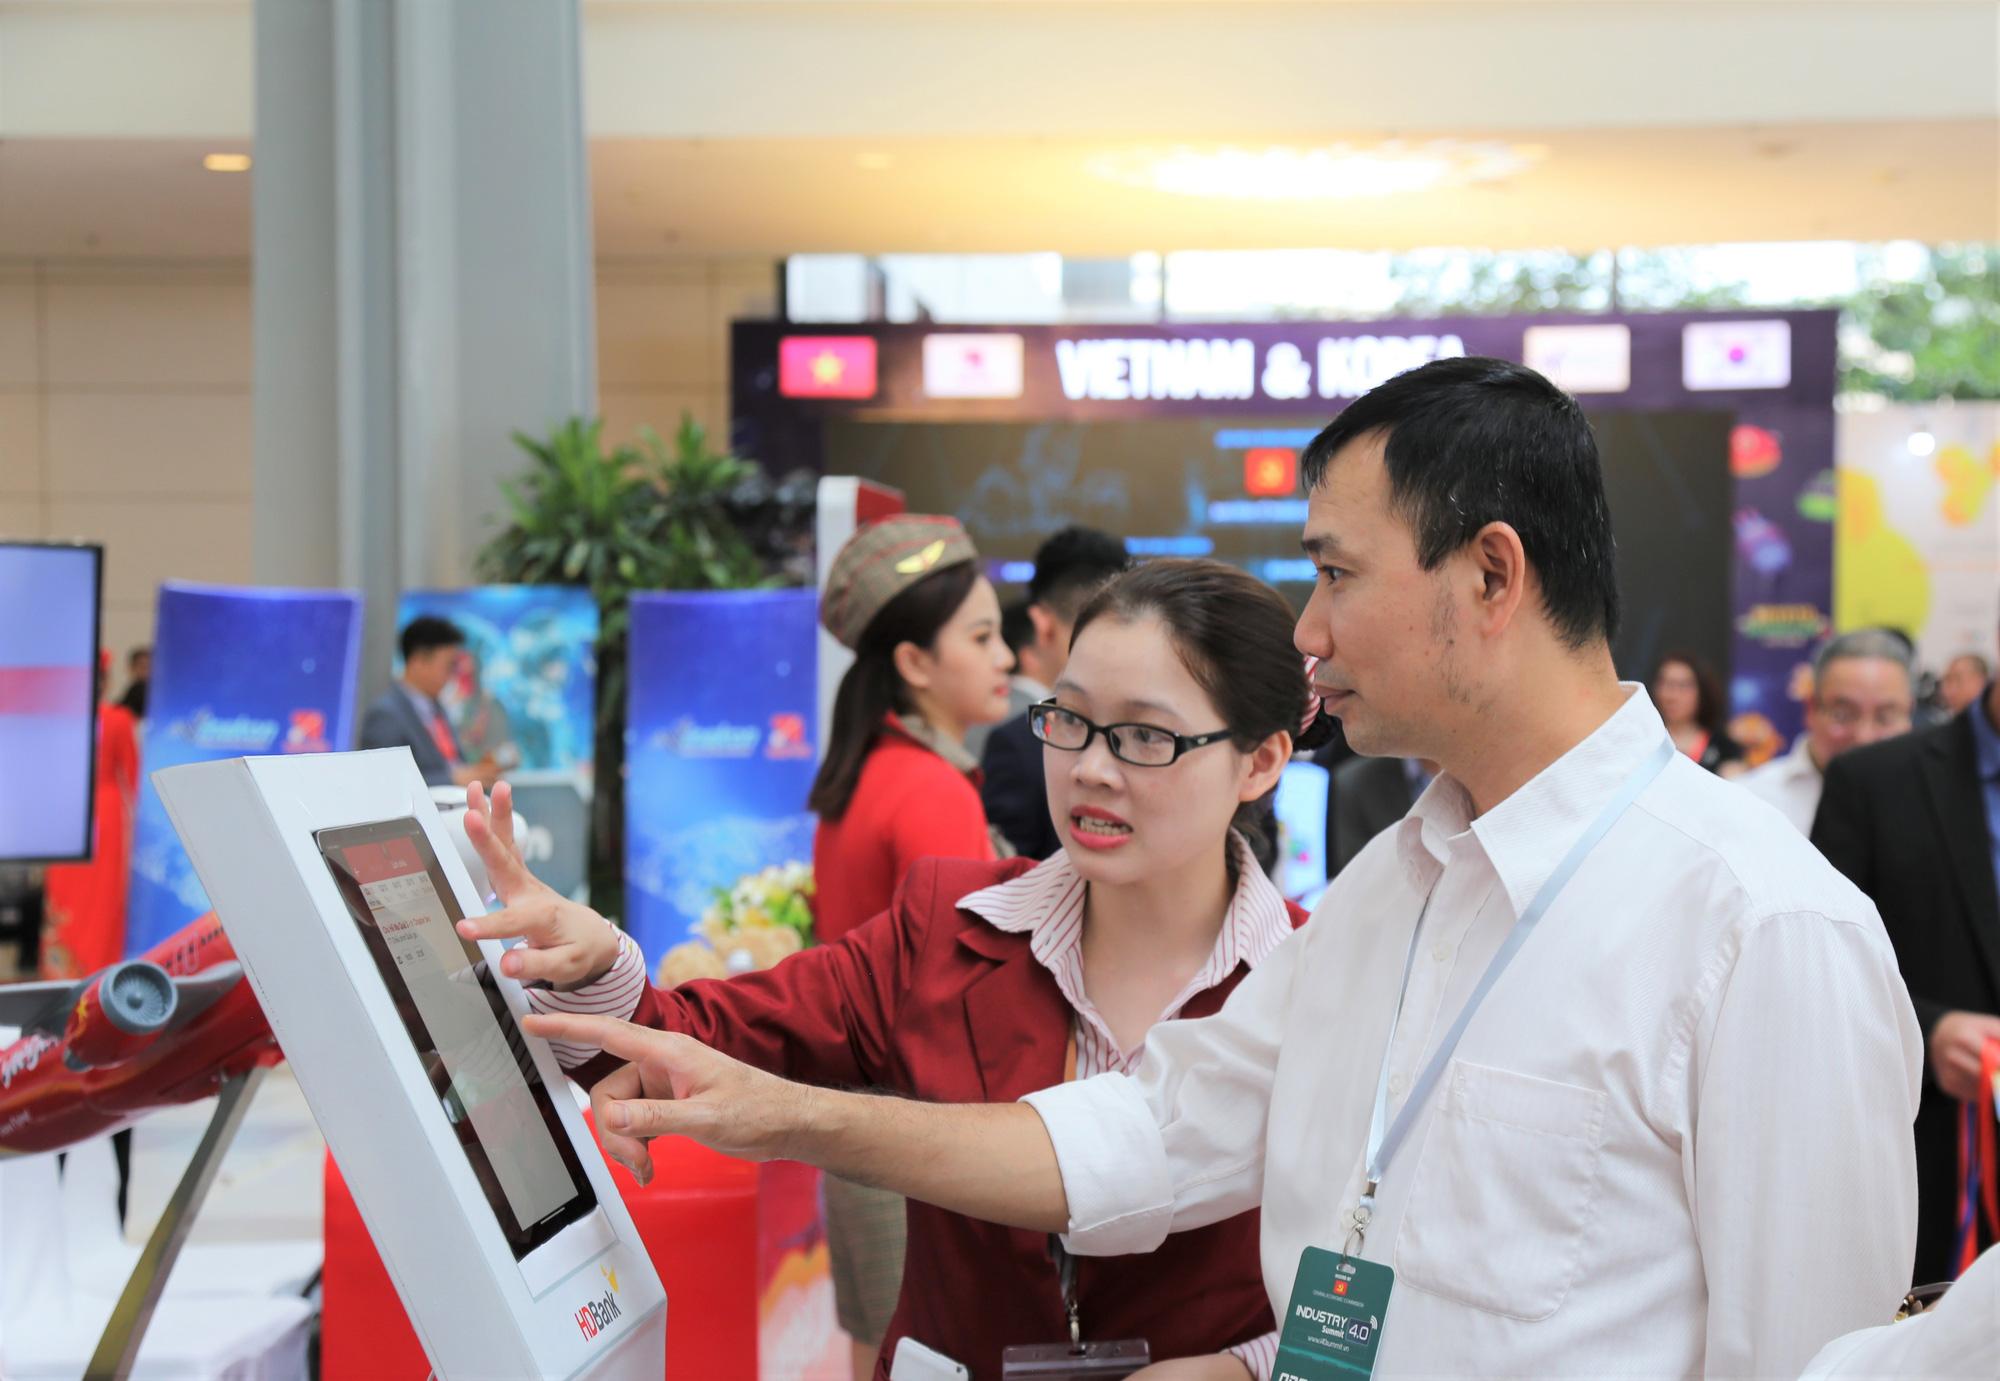 HDBank tung chuỗi ưu đãi siêu hấp dẫn nhân Ngày Thẻ Việt Nam 2020 - Ảnh 1.